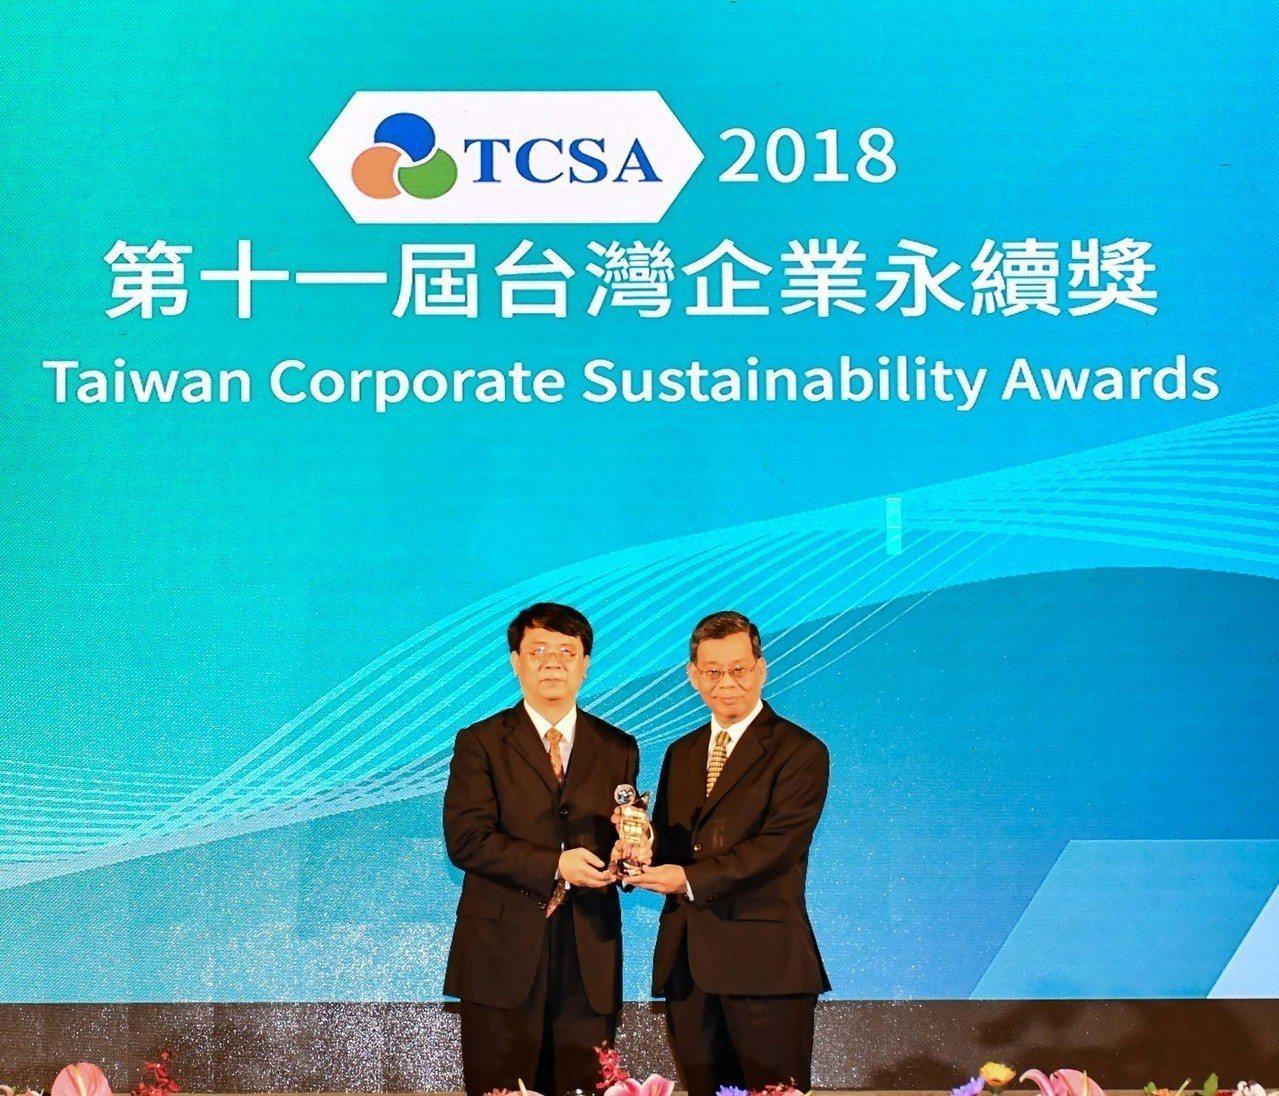 第一金控獲得台灣永續能源研究基金會及BSI英國標準協會肯定,勇奪「2018_TC...